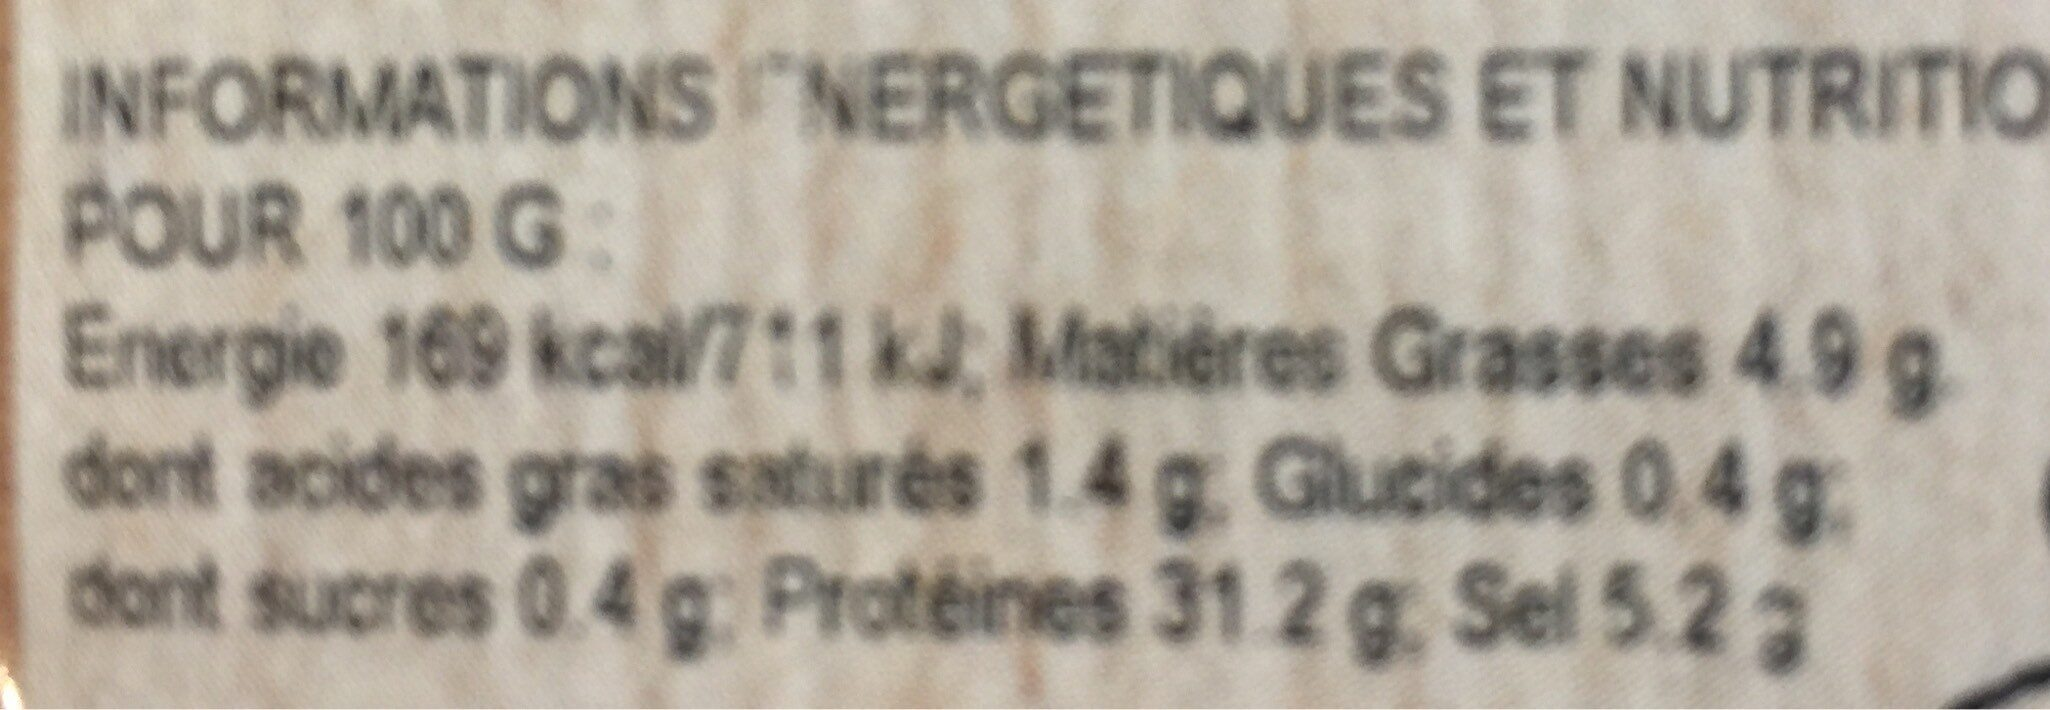 Jambon de lacaune - Nutrition facts - fr